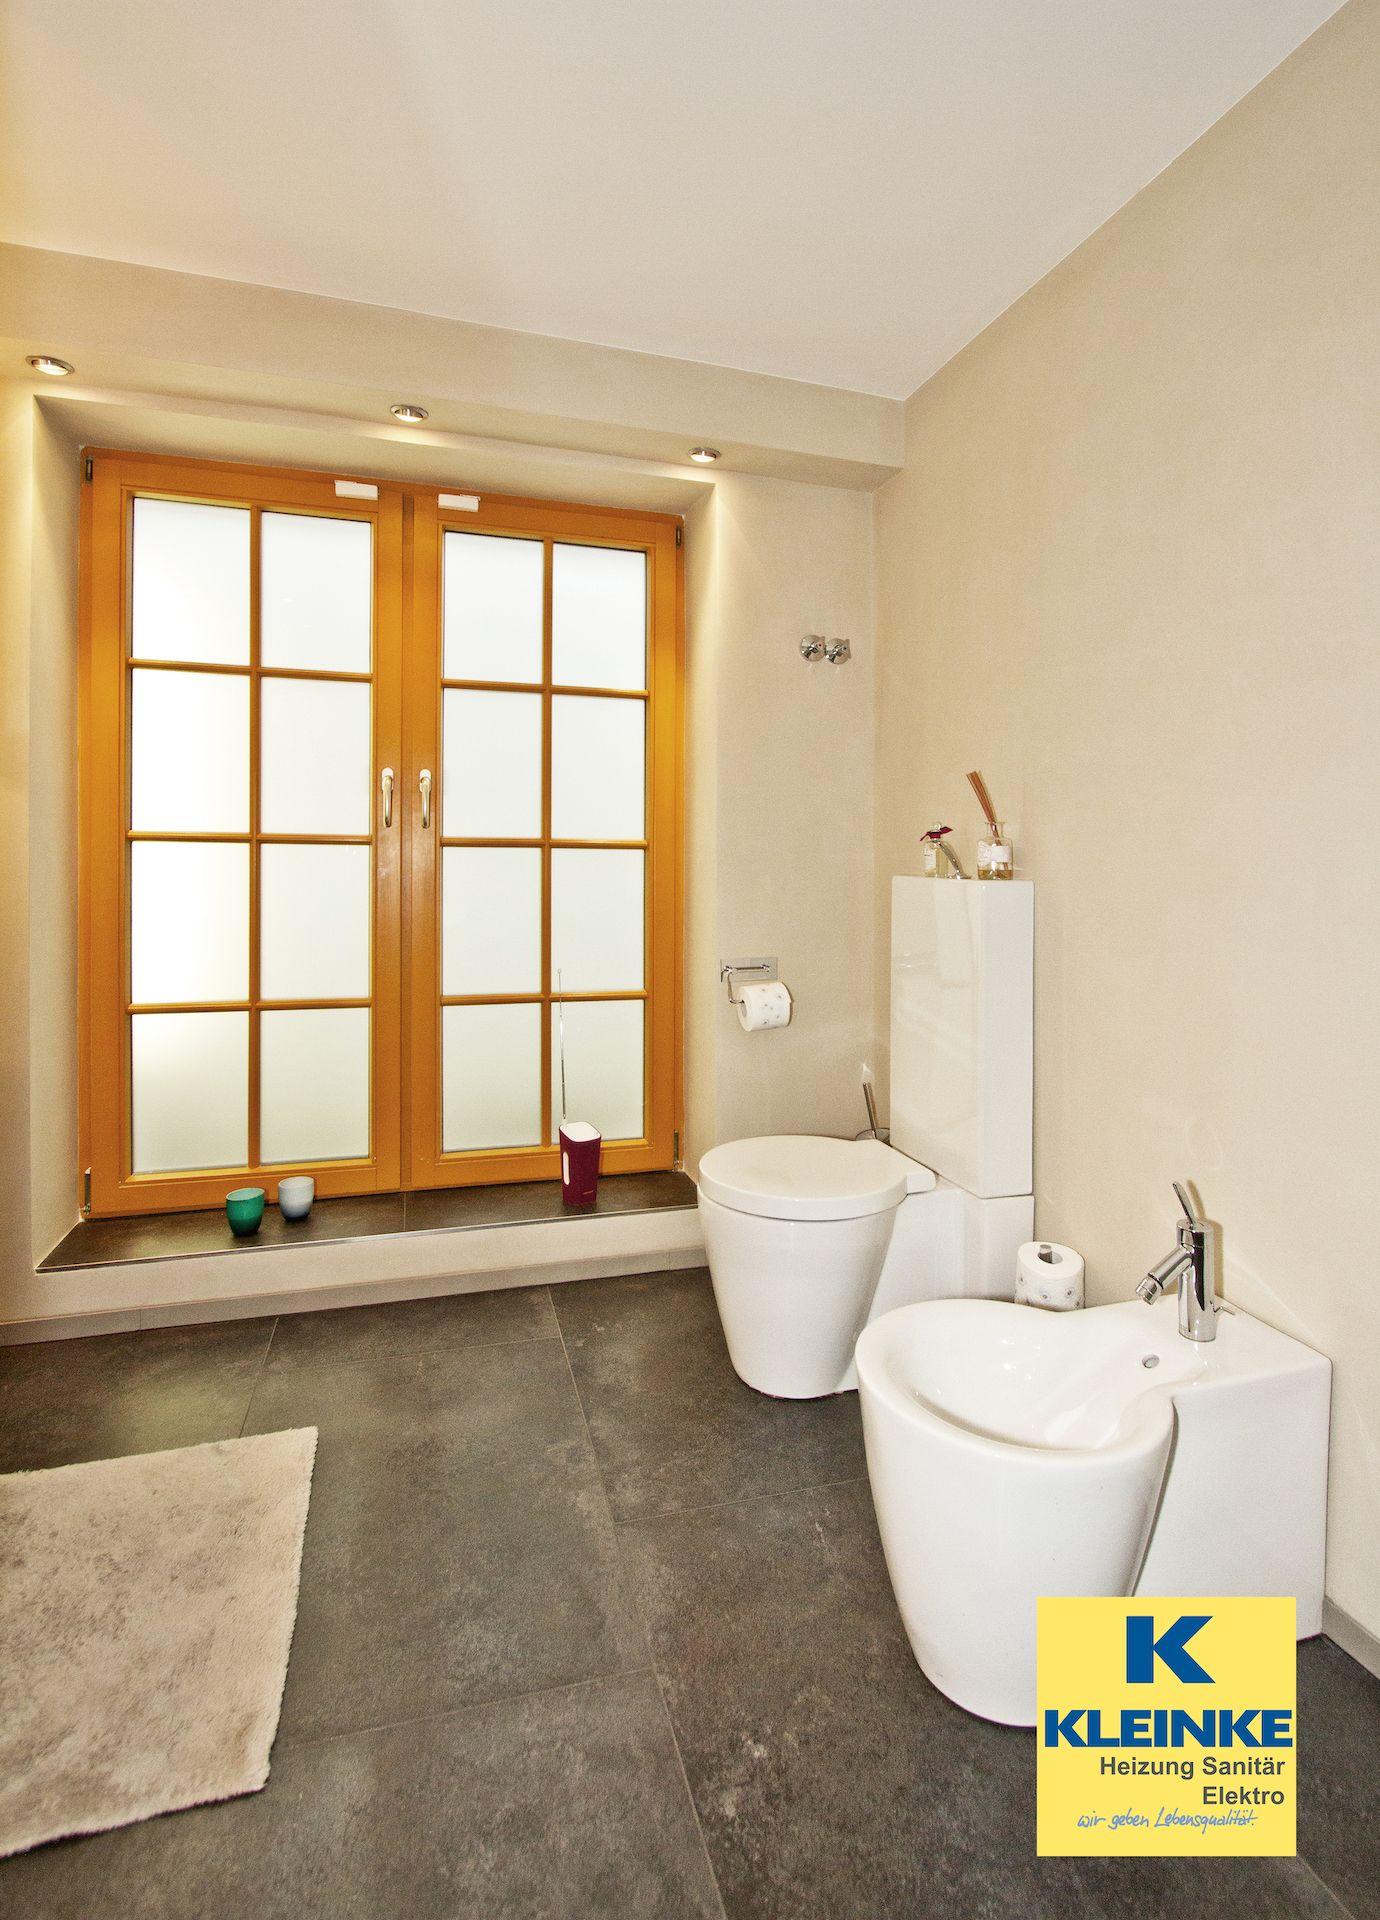 Pin Von Kleinke Heizung Sanitar Elektr Auf Badezimmer 002 Badezimmer Sanitar Bad